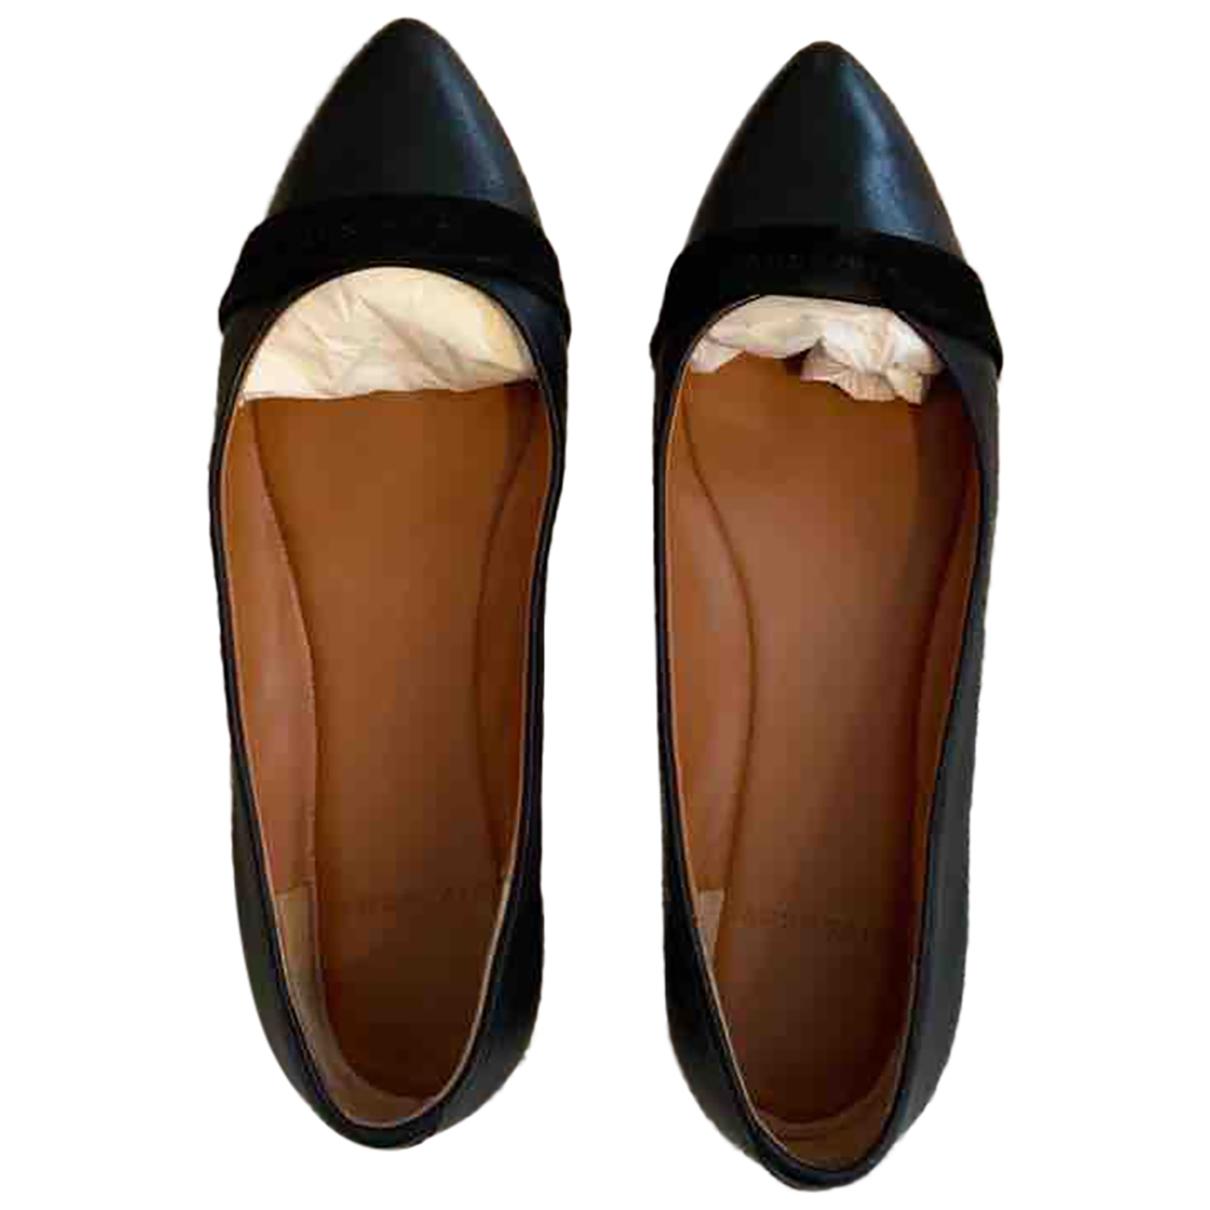 Givenchy - Ballerines   pour femme en cuir - noir